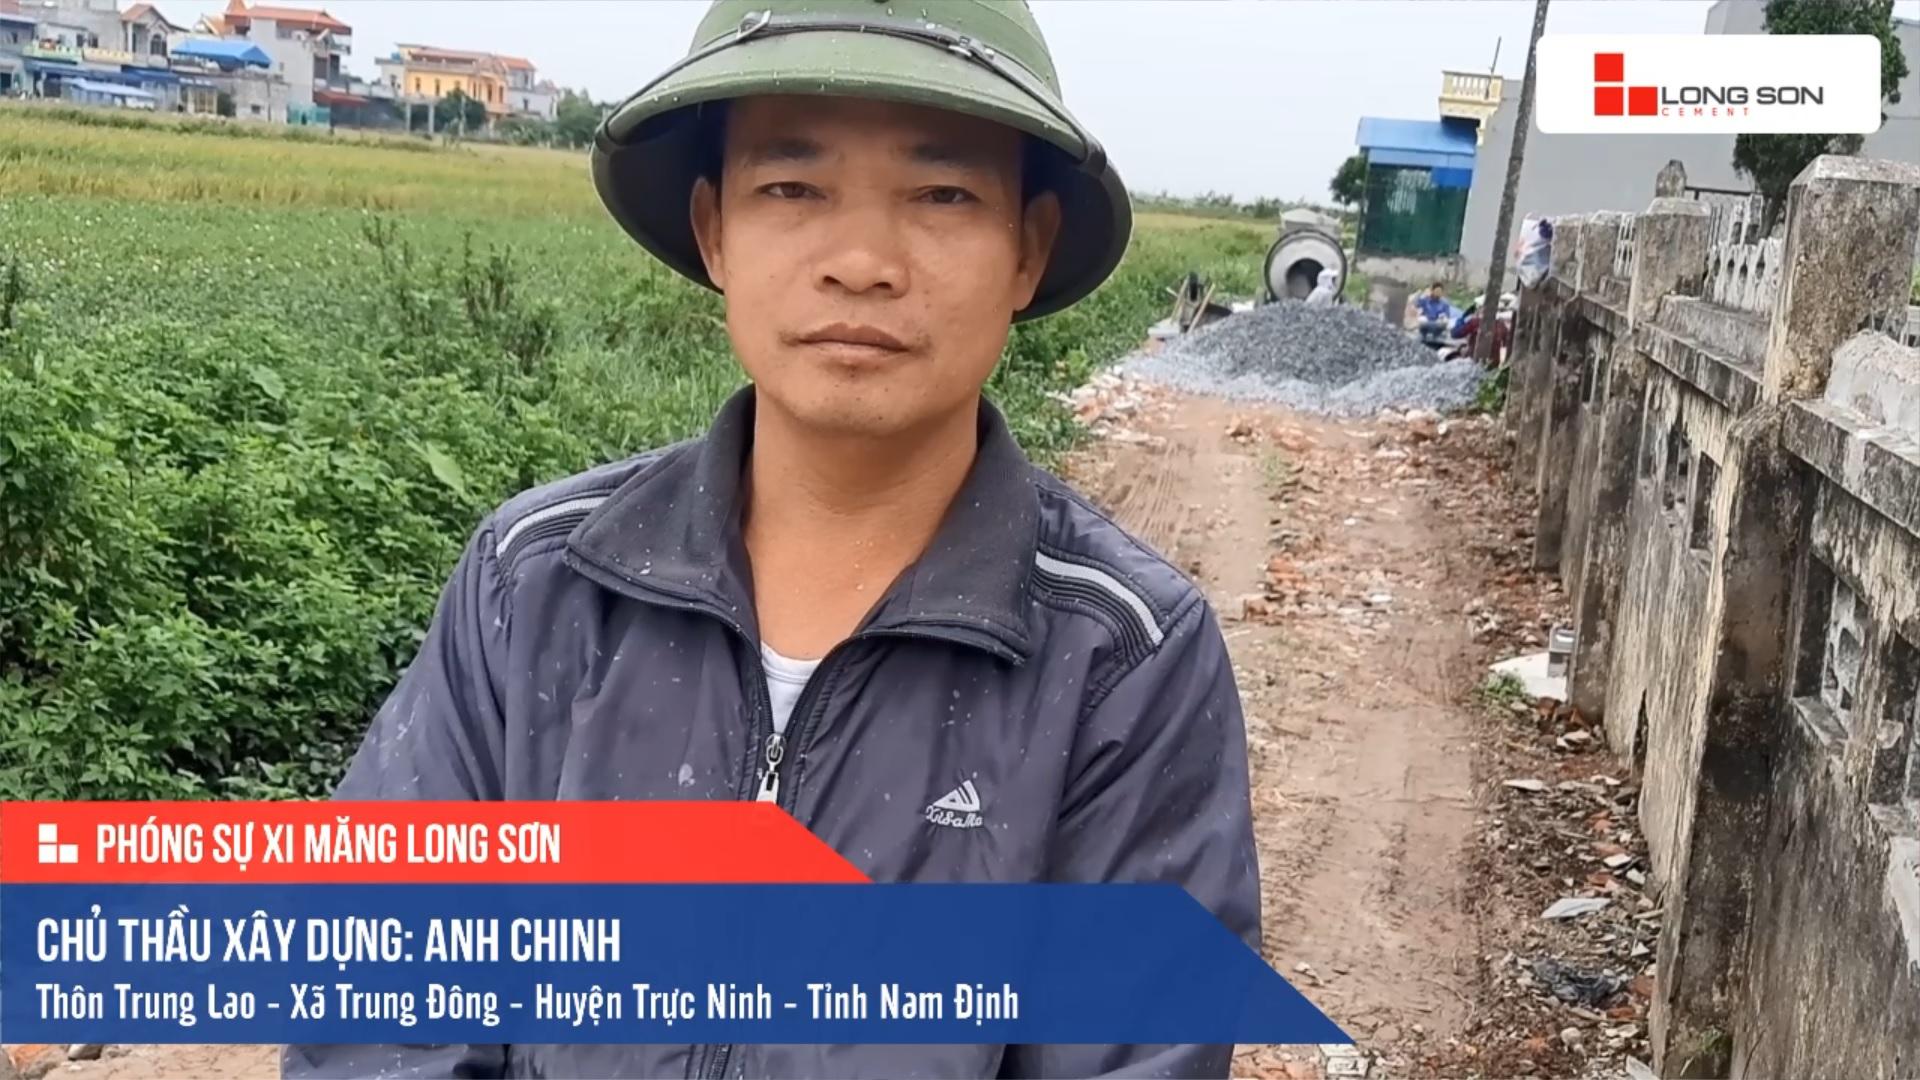 Phóng sự công trình sử dụng Xi măng Long Sơn tại Nam Định 19.11.2019